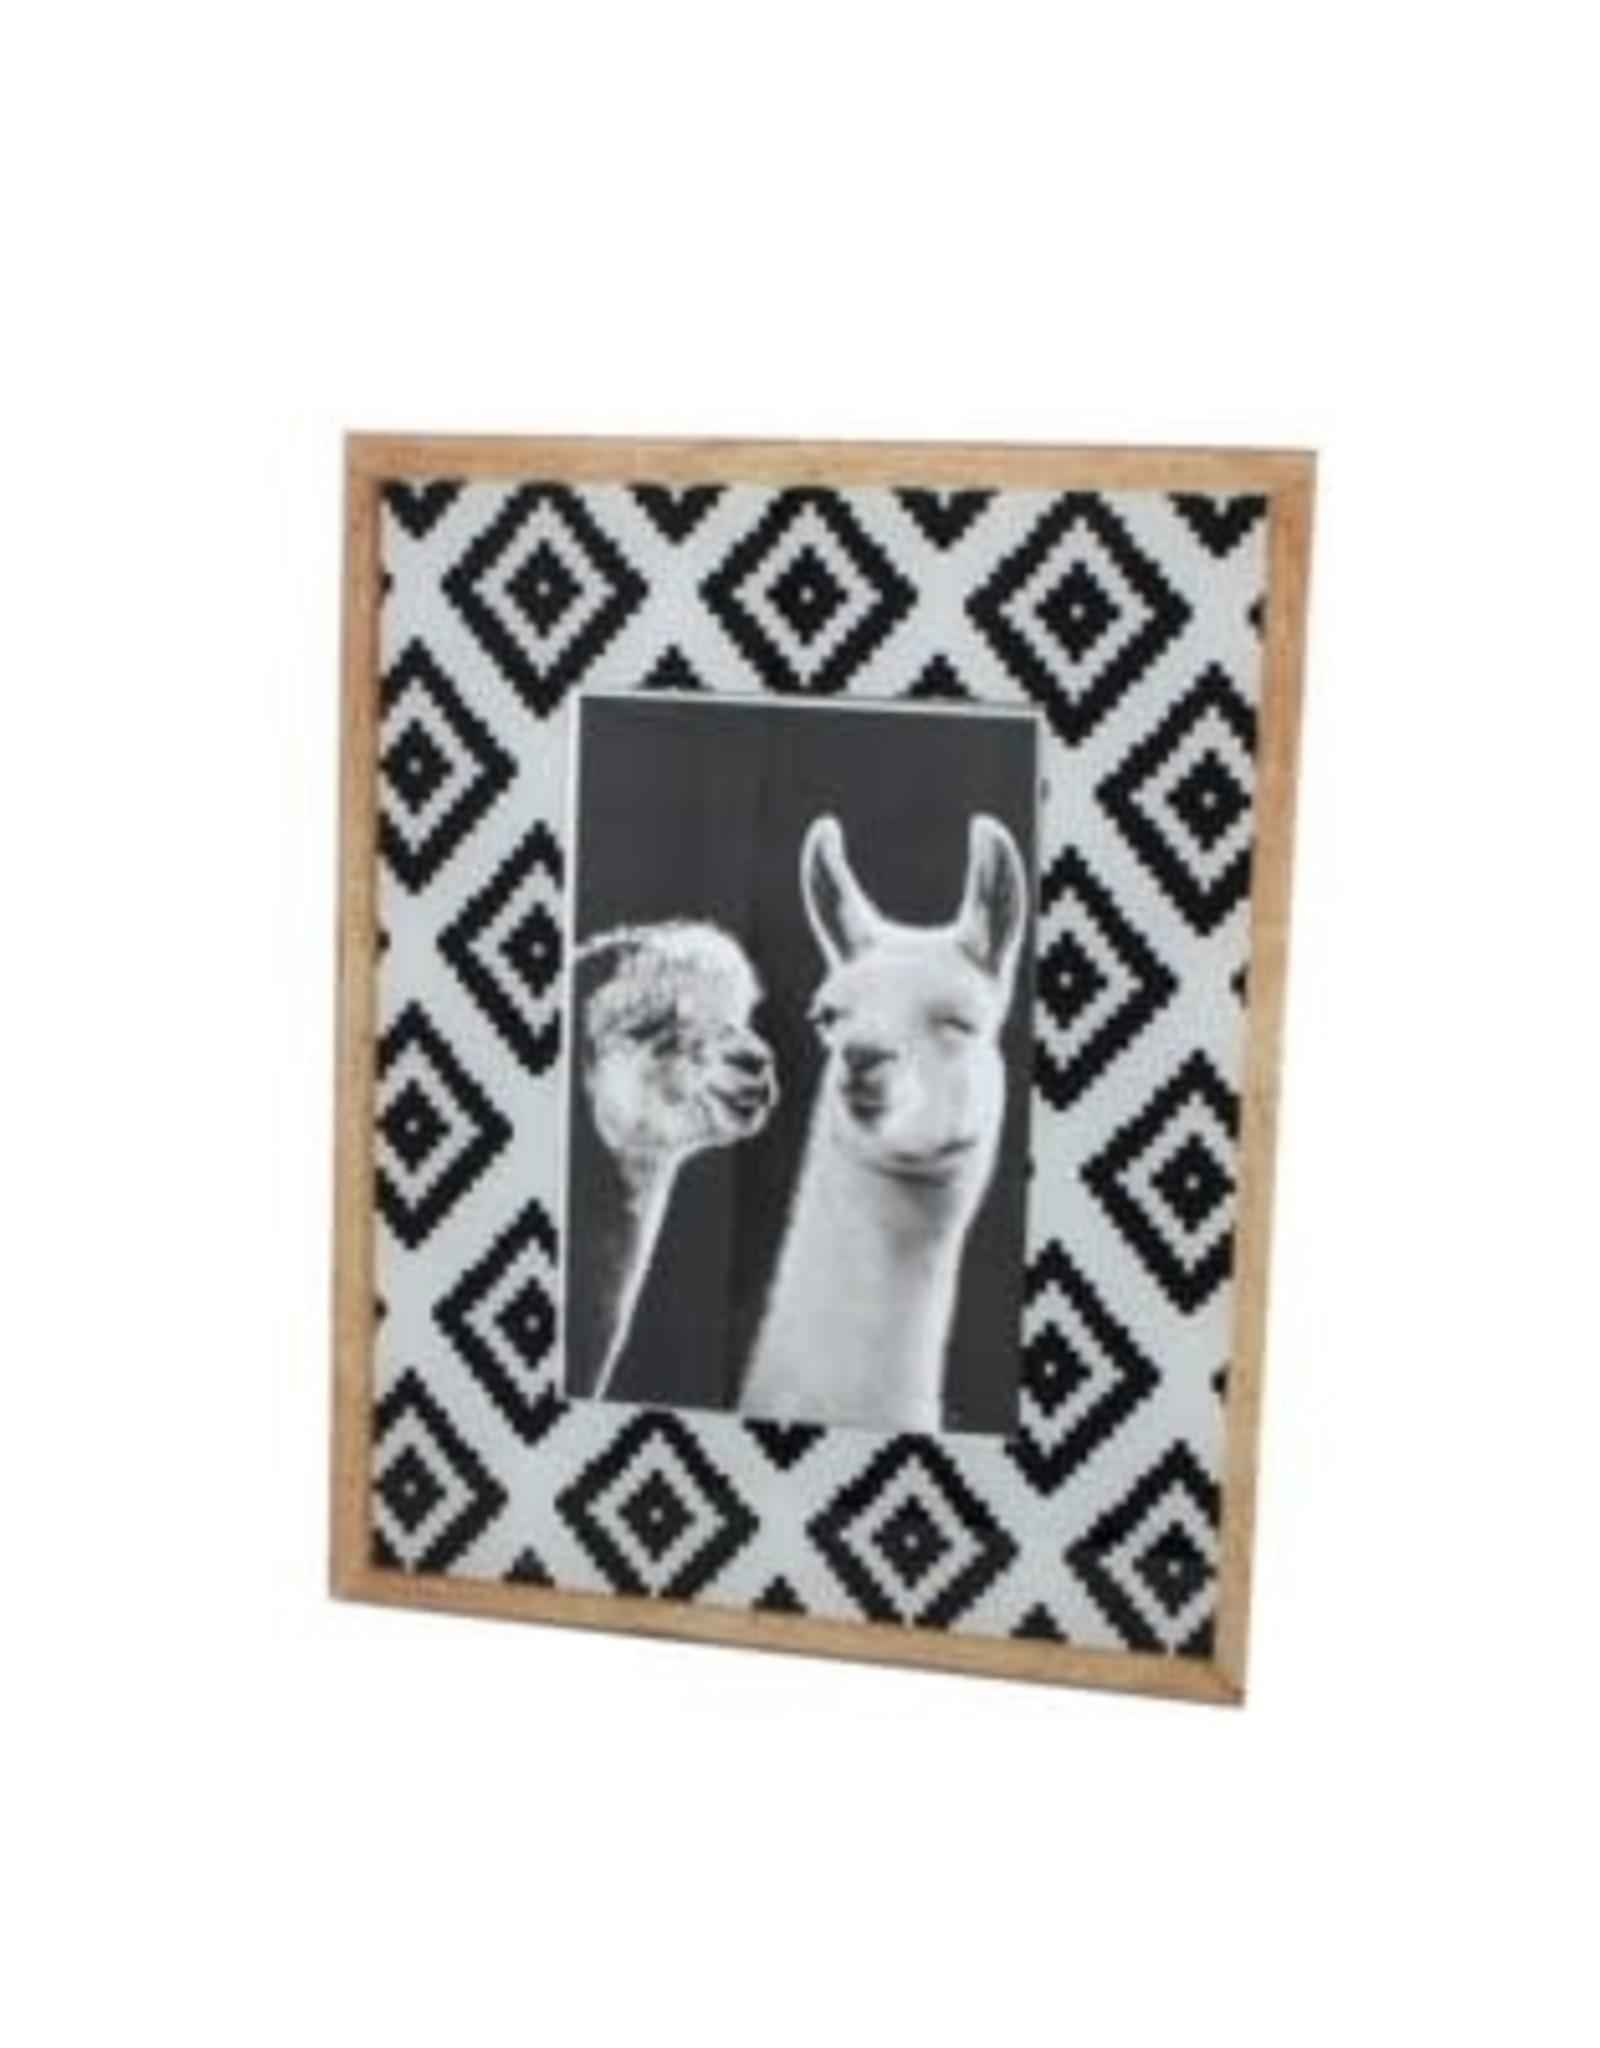 Cadre 8x10 - Losanges noirs